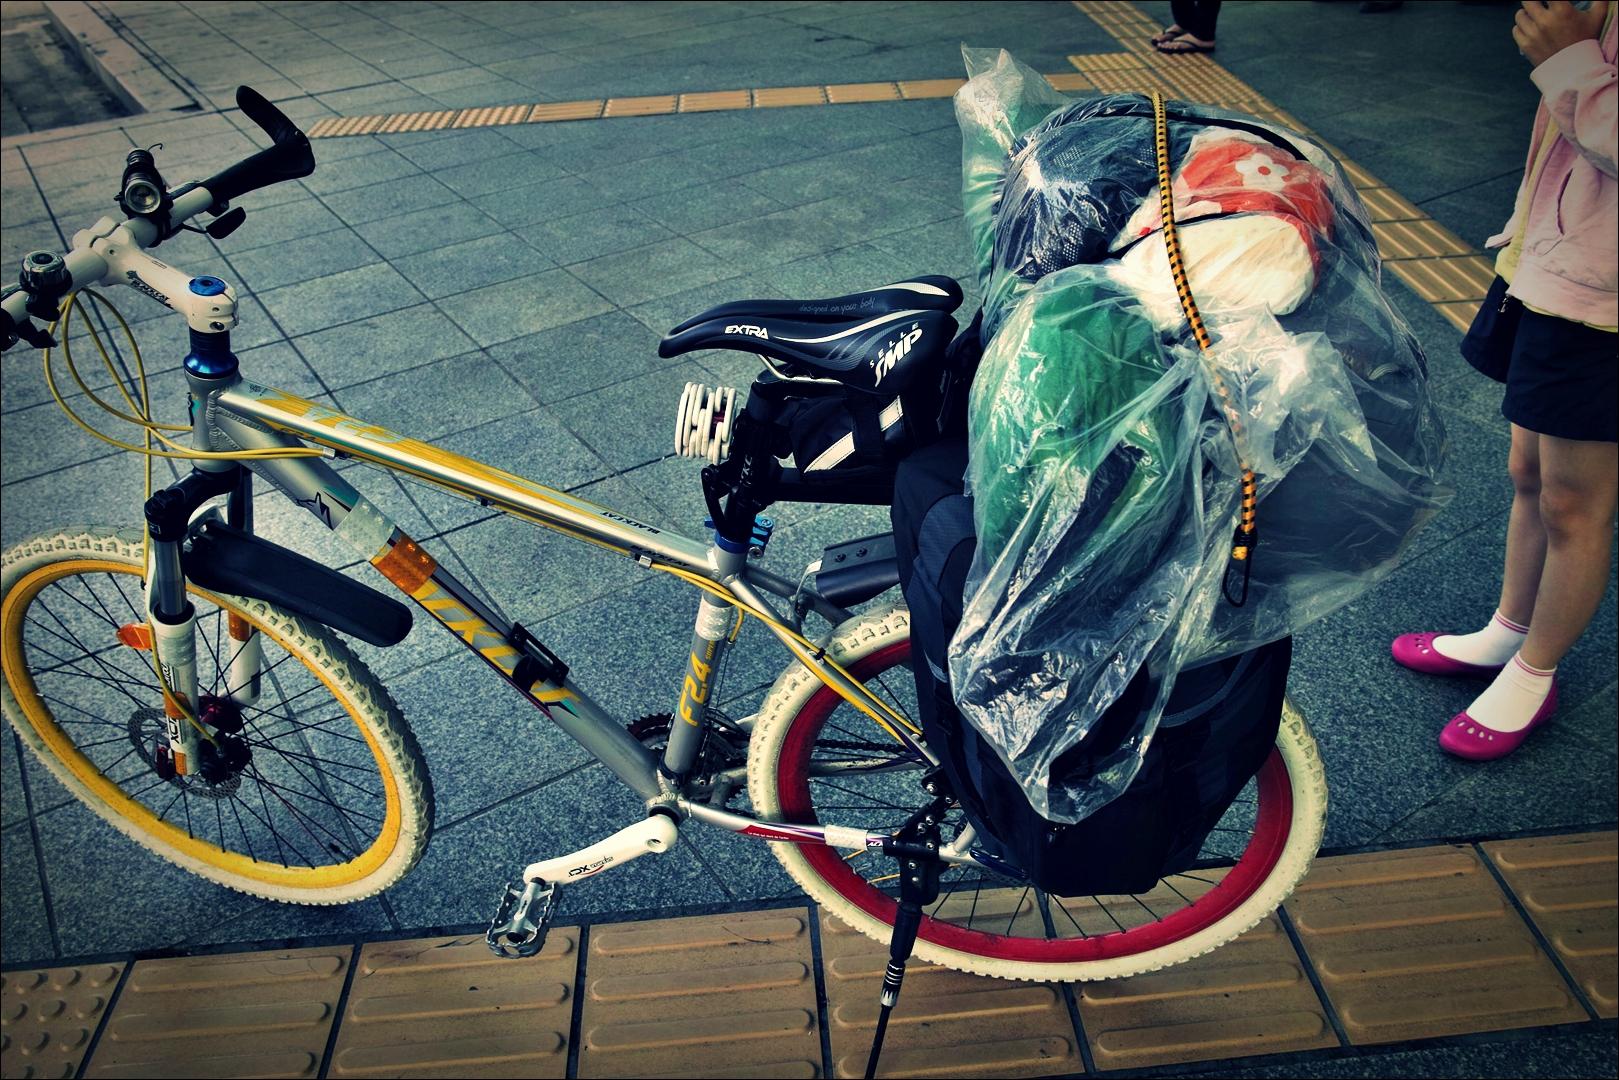 기다림-'남한강 자전거 종주 Bike Riding Namhan river Korea'